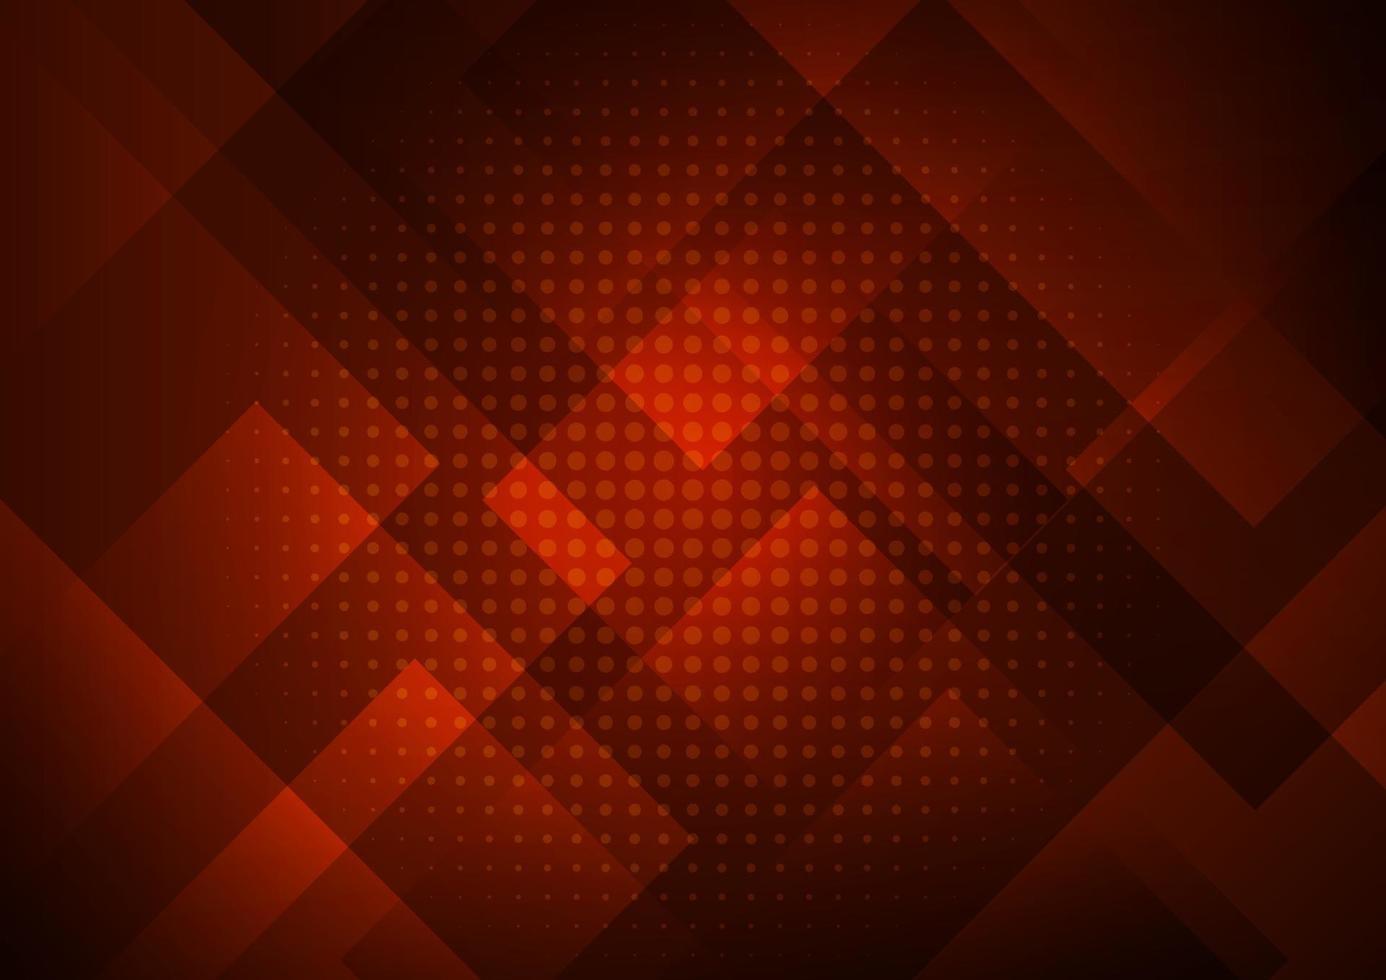 abstracte rode achtergrond met geometrische vierkante vormenlaag in transparant ontwerp en halftoon vector